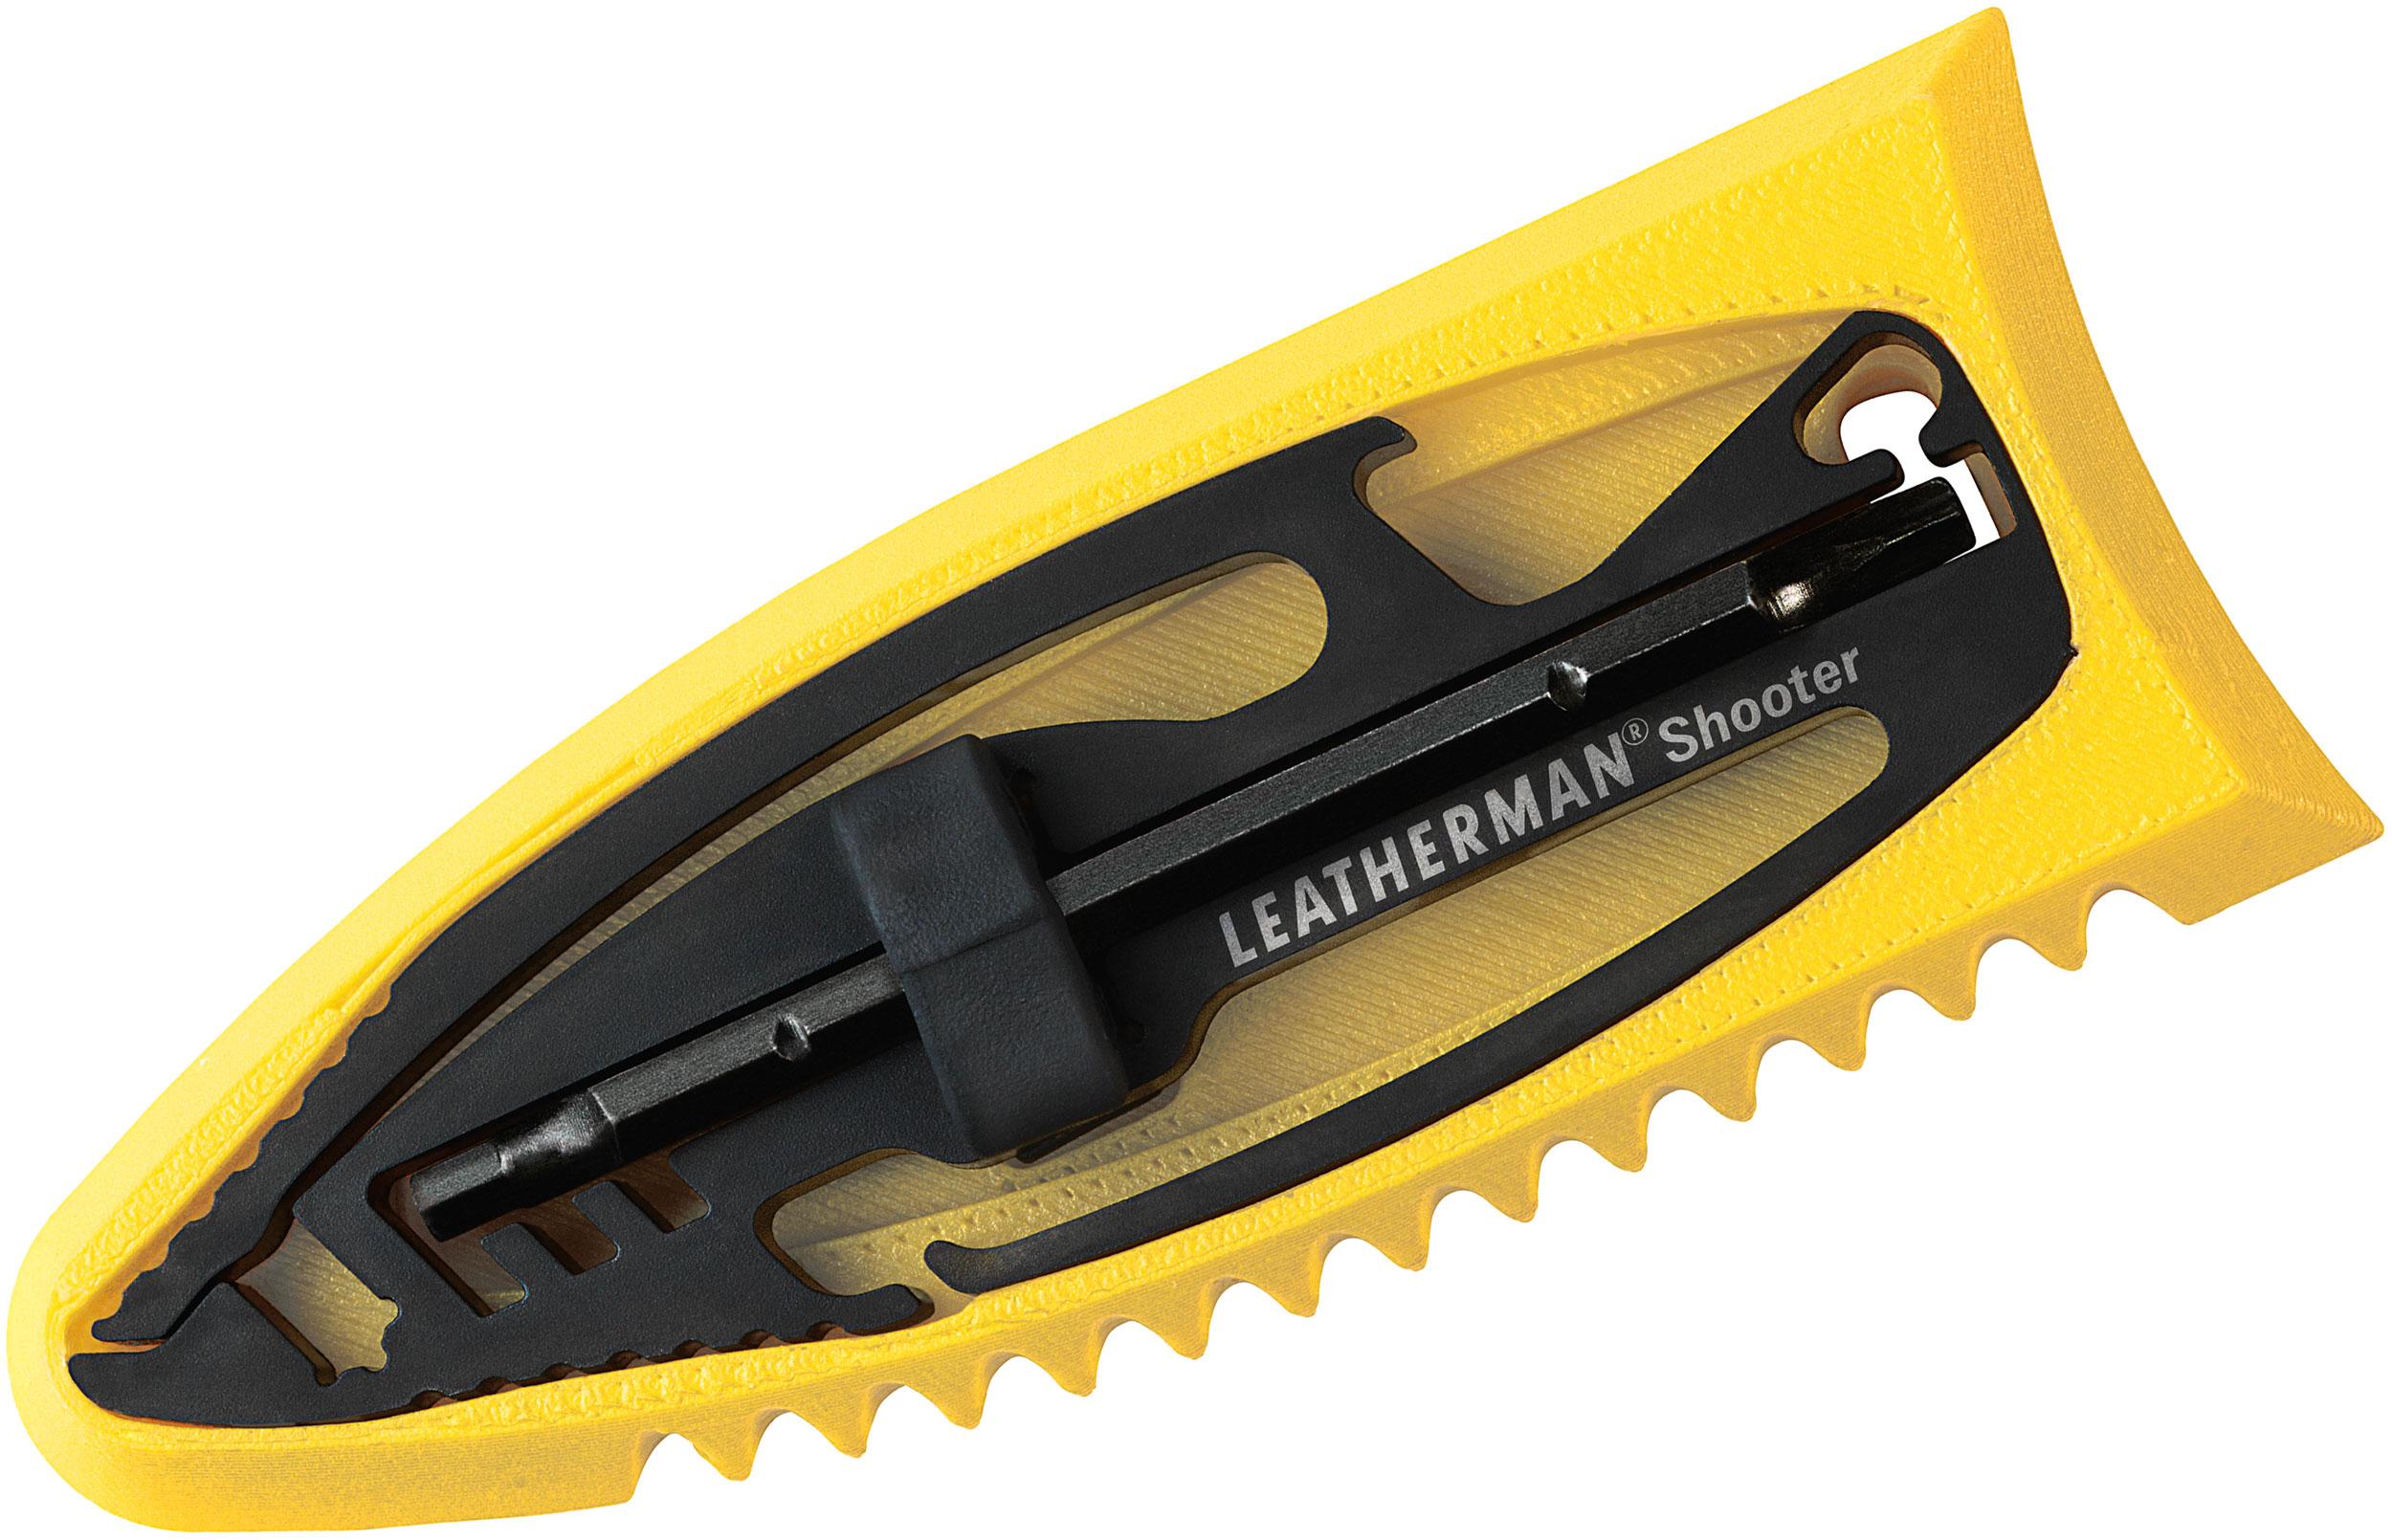 Leatherman Shooter Keychain Size Mini Multi-Tool, Surf PocketTool